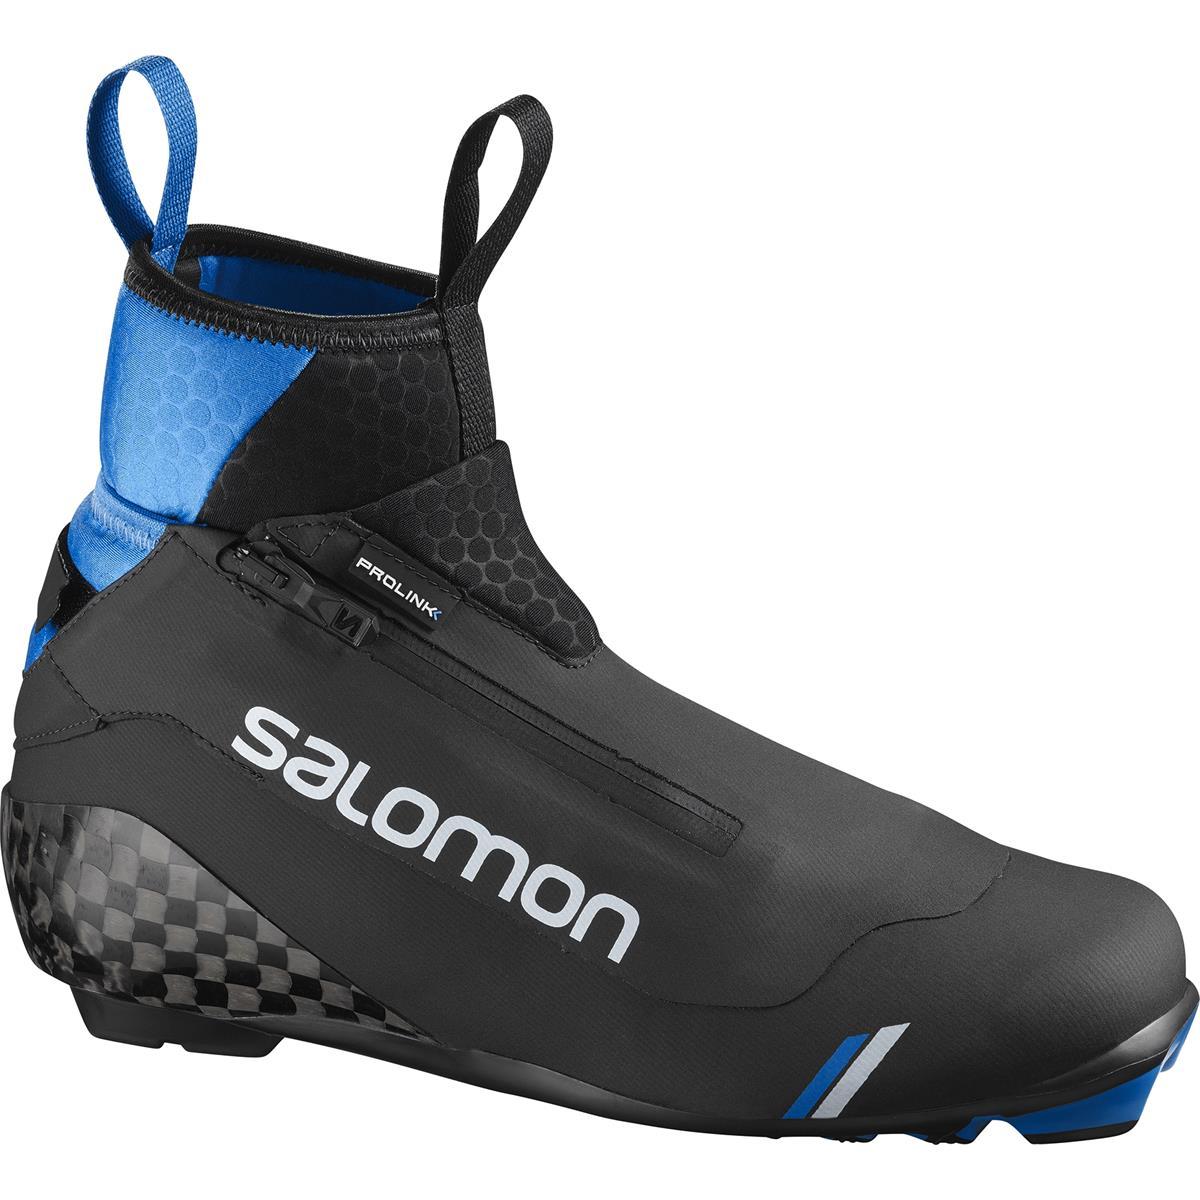 Details zu Salomon SRACE CLASSIC PROLINK, Langlaufschuhe 201920